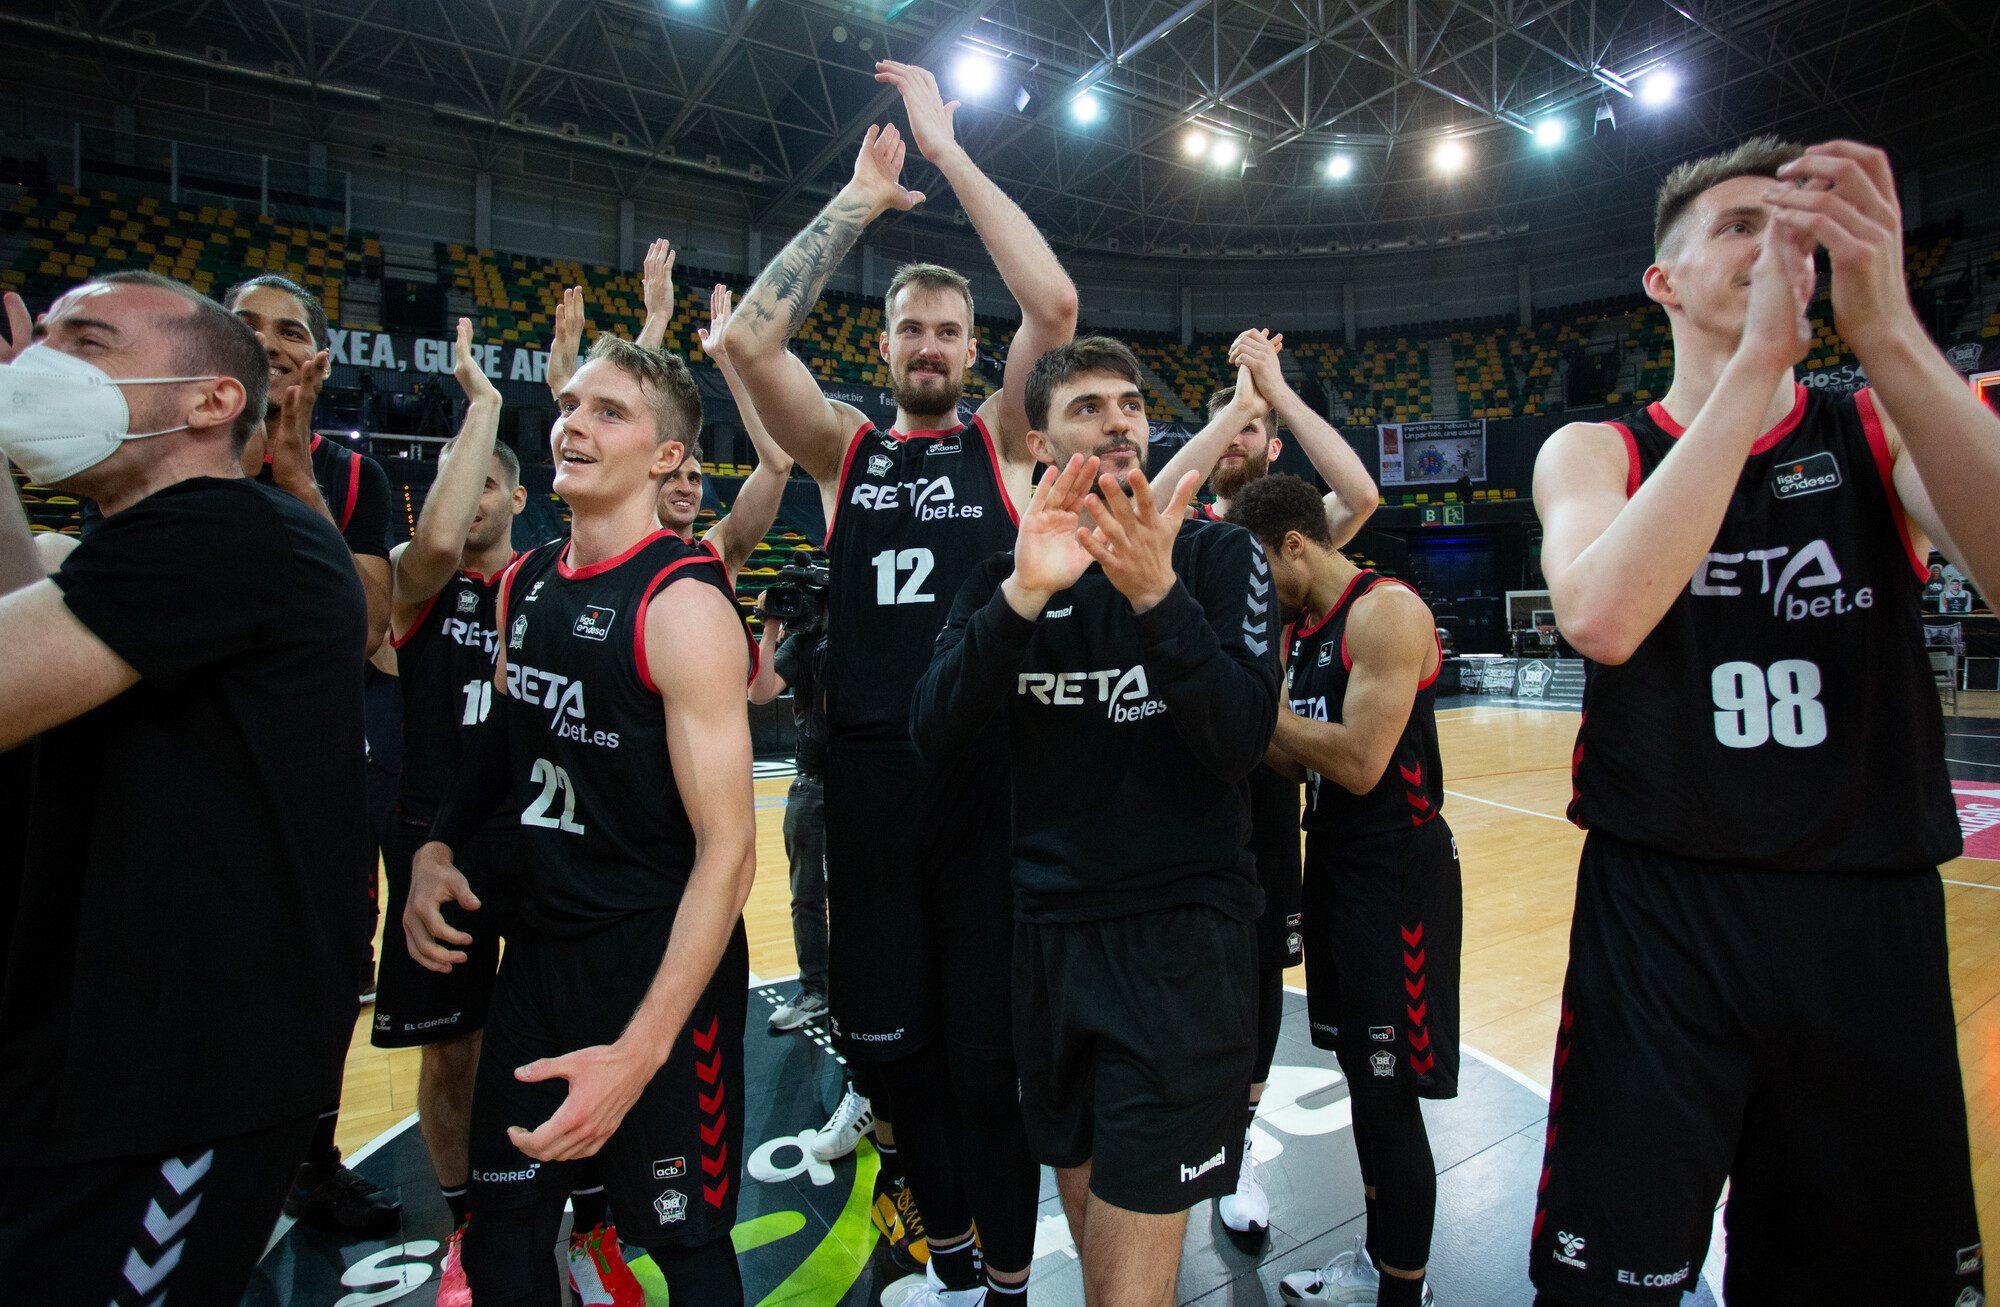 ¿Cómo está la plantilla del Bilbao Basket? Repasamos cómo afronta el mercado